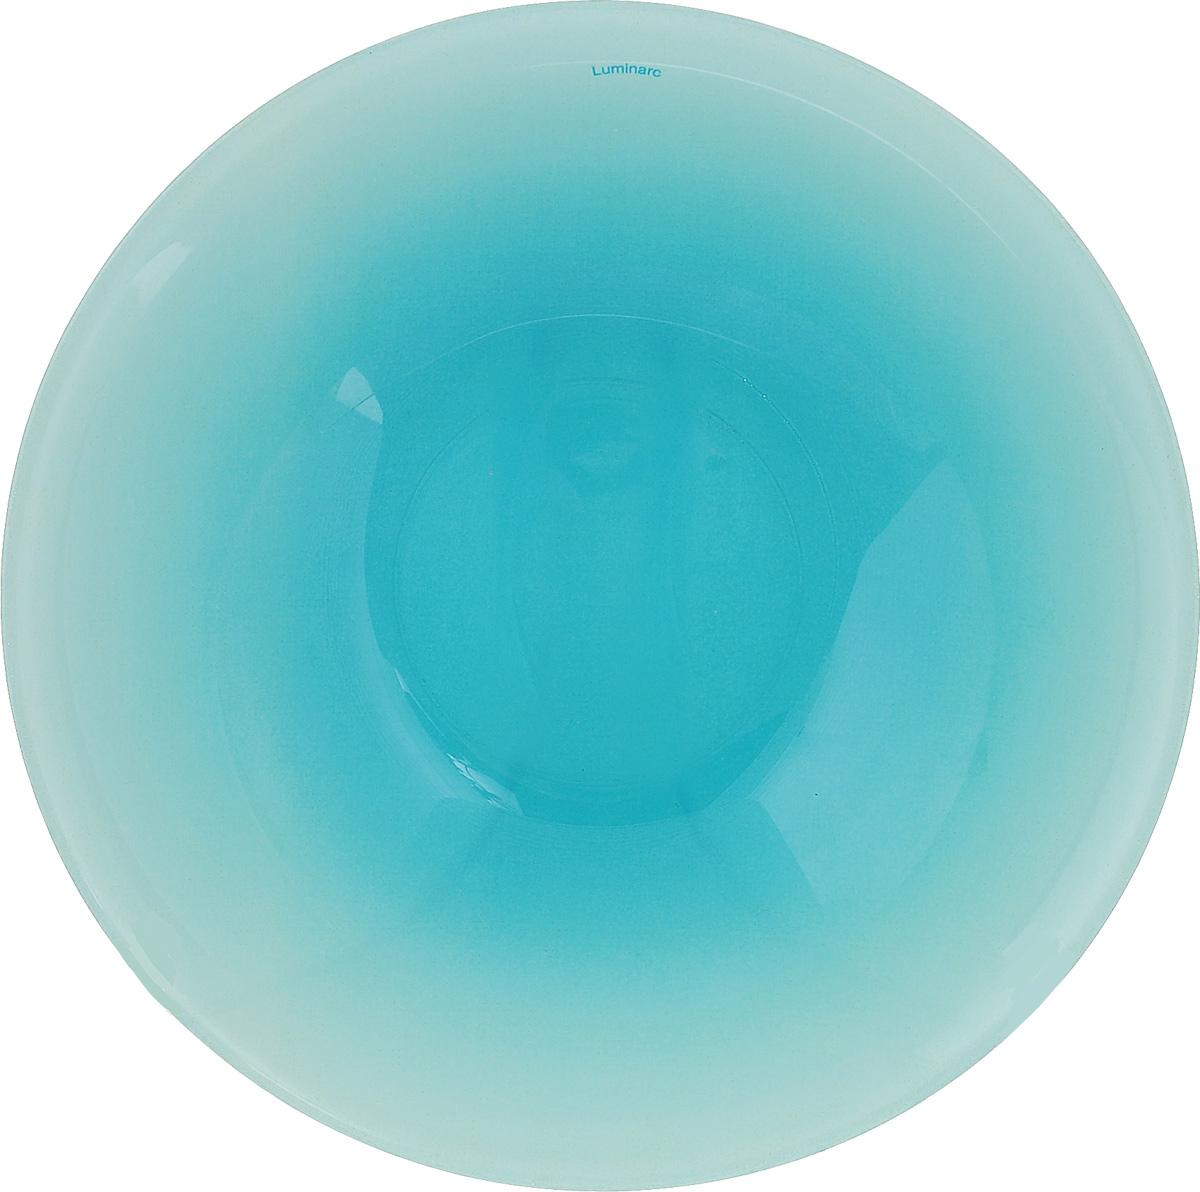 Салатник Luminarc Fizz Frozen, диаметр 16,5 смH8786Салатник Luminarc Fizz Frozen выполнен из ударопрочного стекла. Яркий дизайн придется по вкусу и ценителям классики, и тем, кто предпочитает утонченность и изысканность. Салатник Luminarc Fizz Frozen идеально подойдет для сервировки стола и станет отличным подарком к любому празднику. Диаметр (по верхнему краю): 16,5 см.